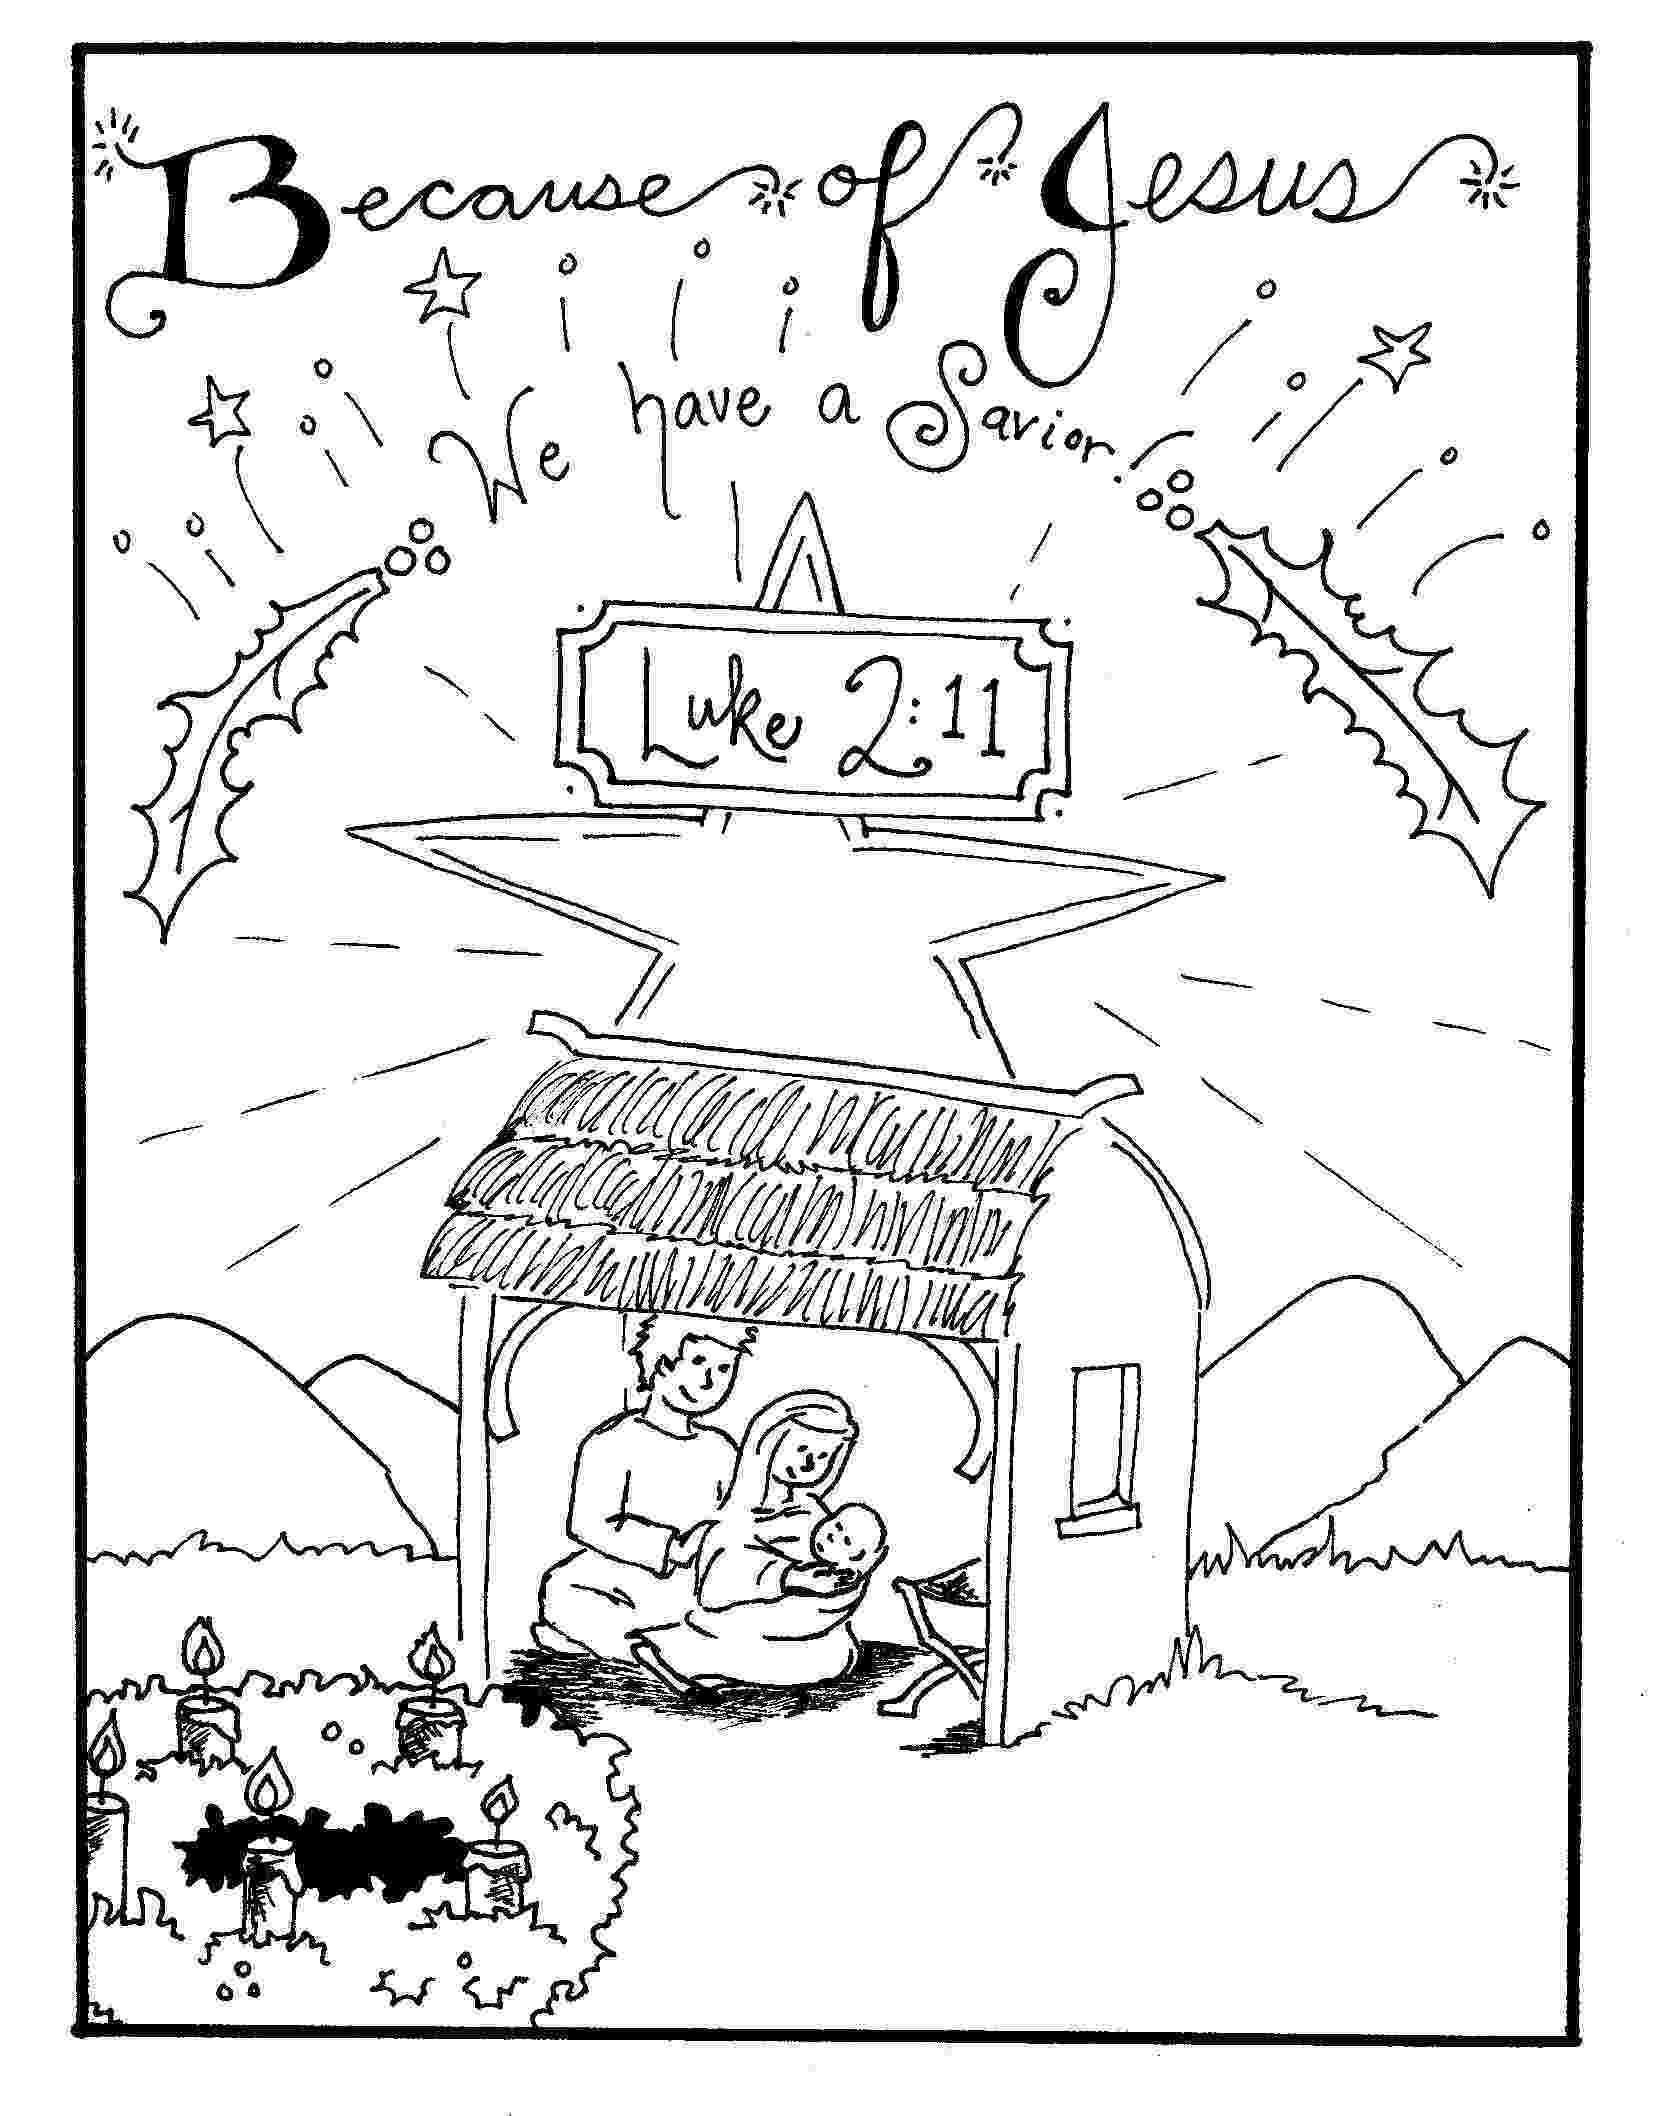 nativity coloring sheets printable free printable nativity coloring pages for kids sheets coloring printable nativity